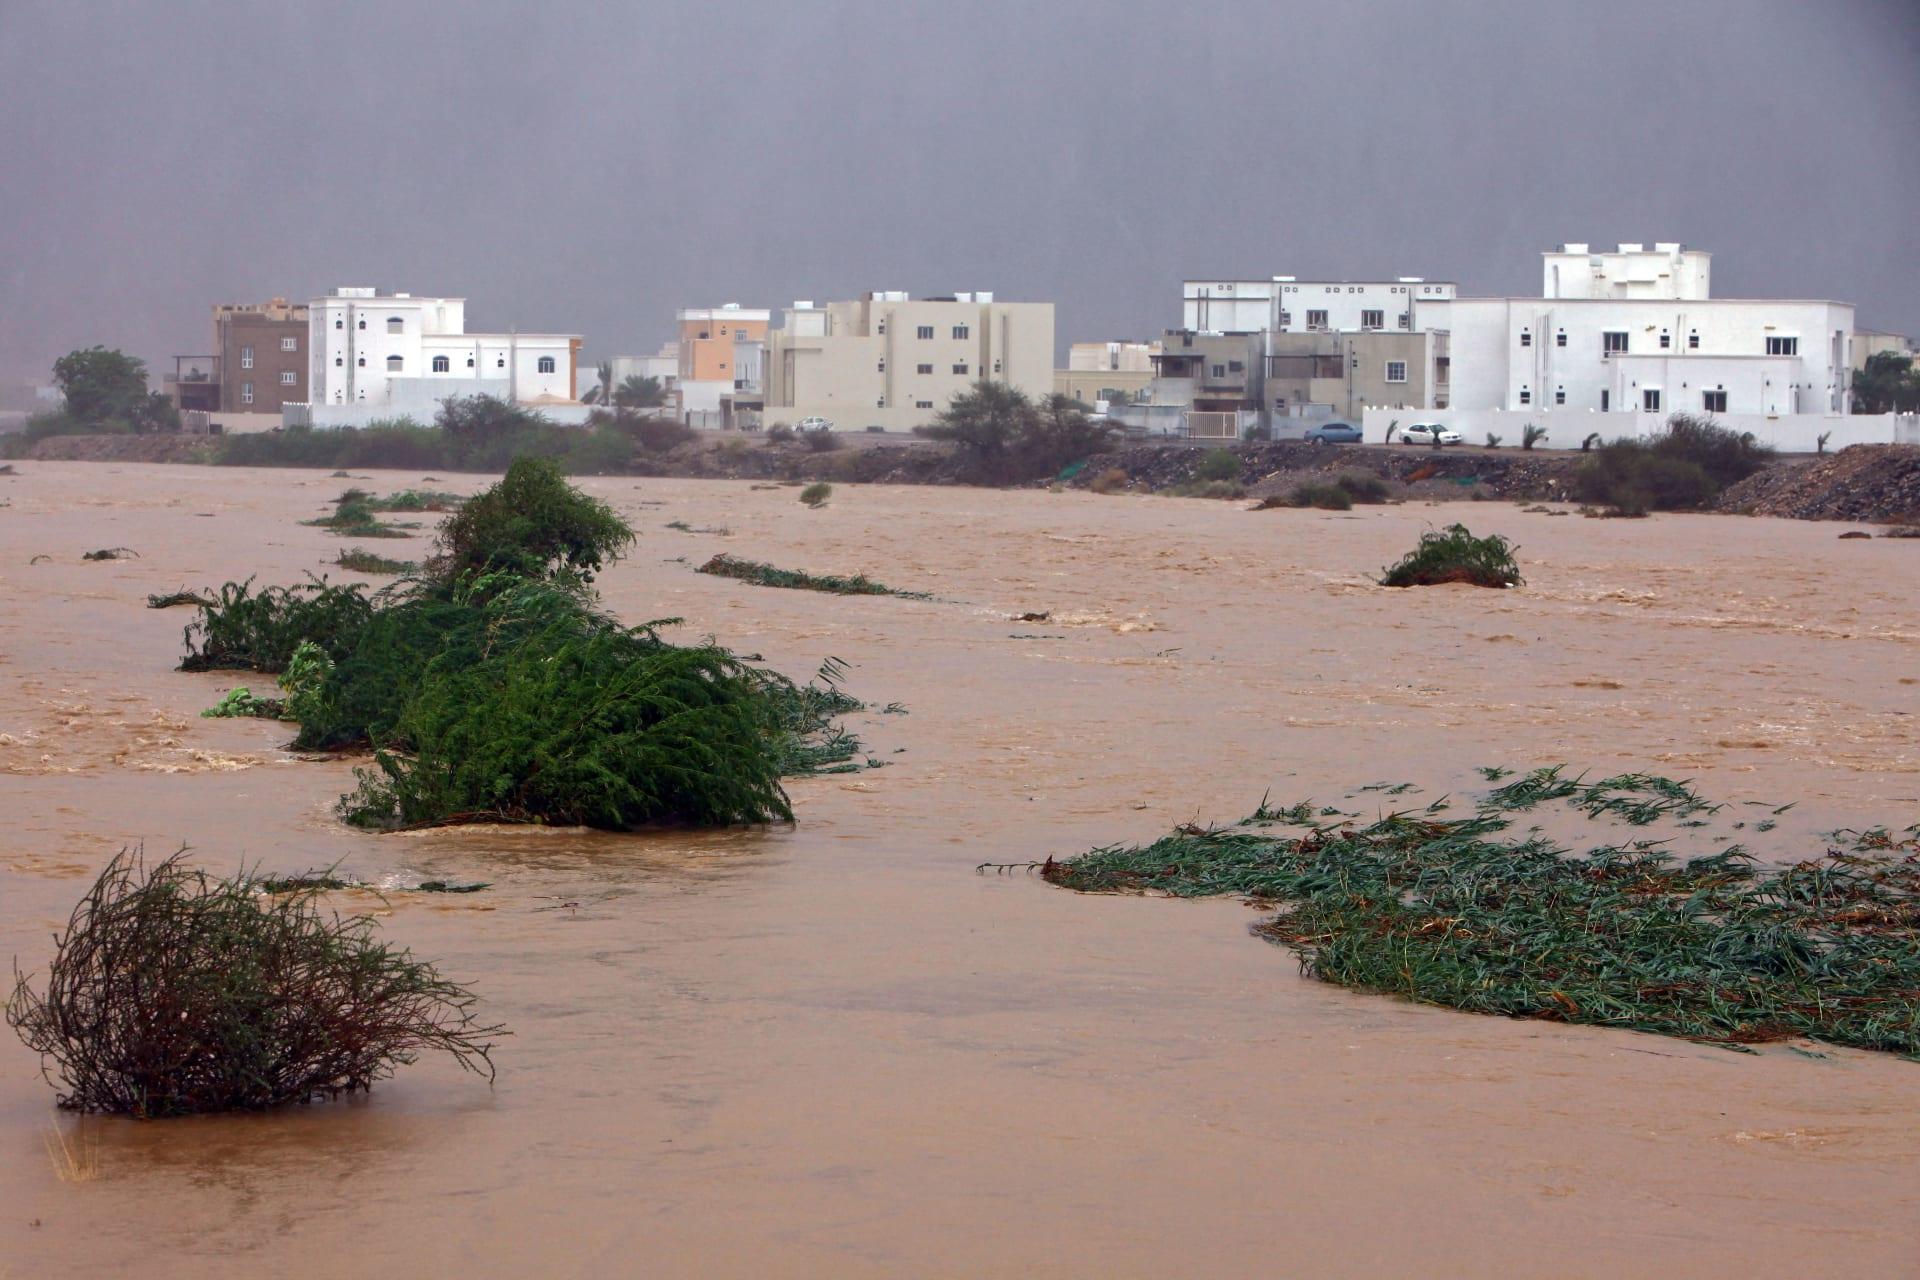 فيضانات في العاصمة العمانية مسقط حيث ضربت عاصفة شاهين الاستوائية البلاد -ي 3 أكتوبر 2021